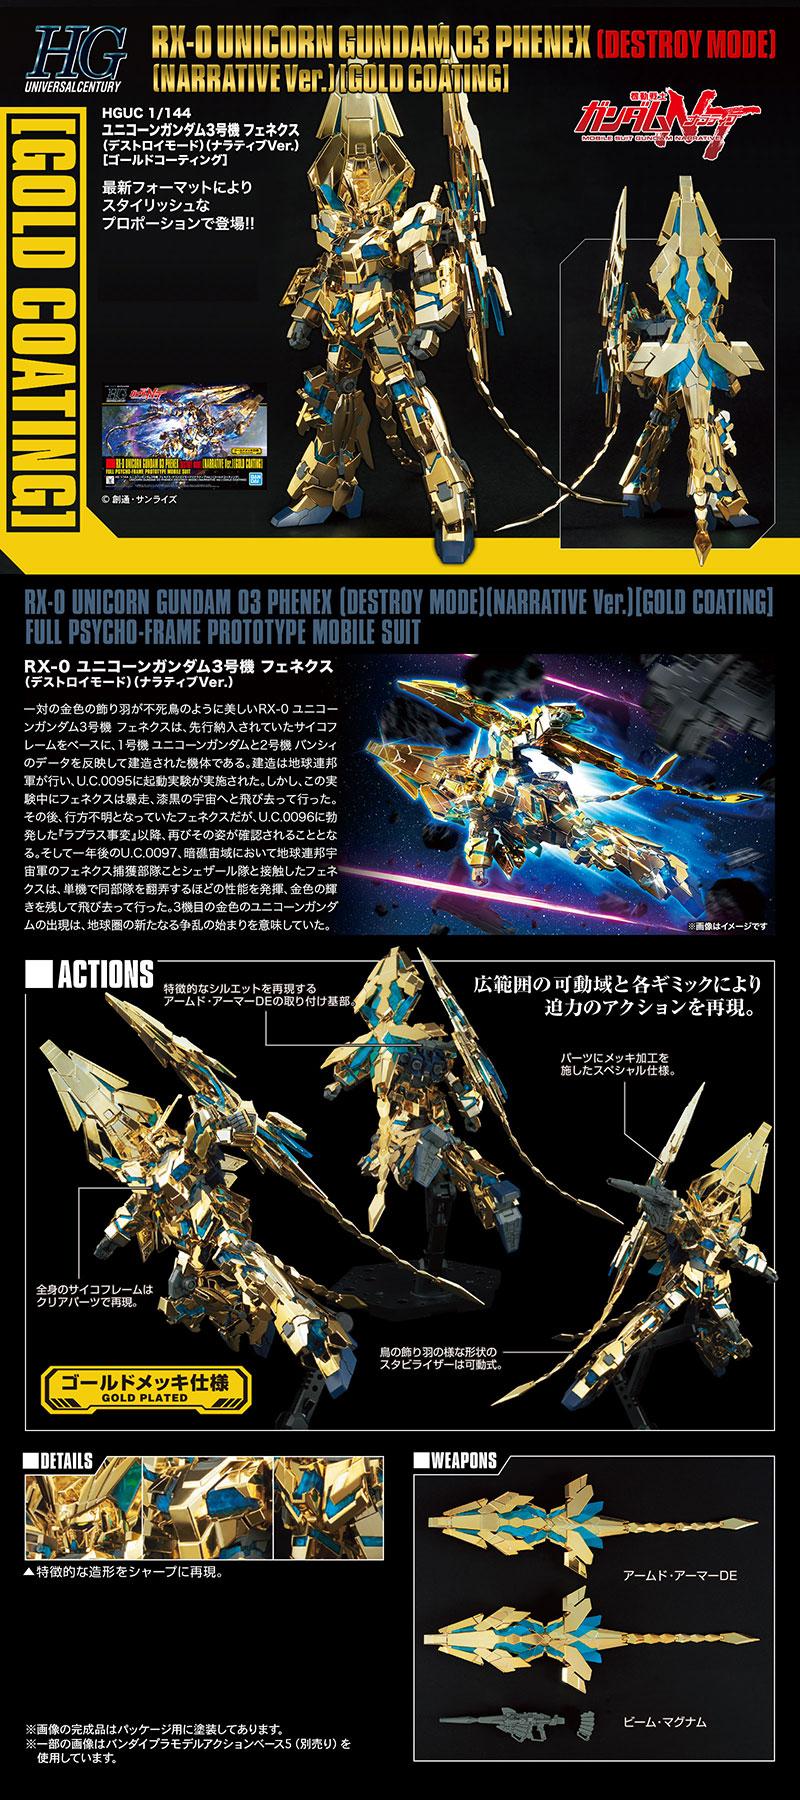 HGUC Unicorn Gundam Phenex NT Ver.